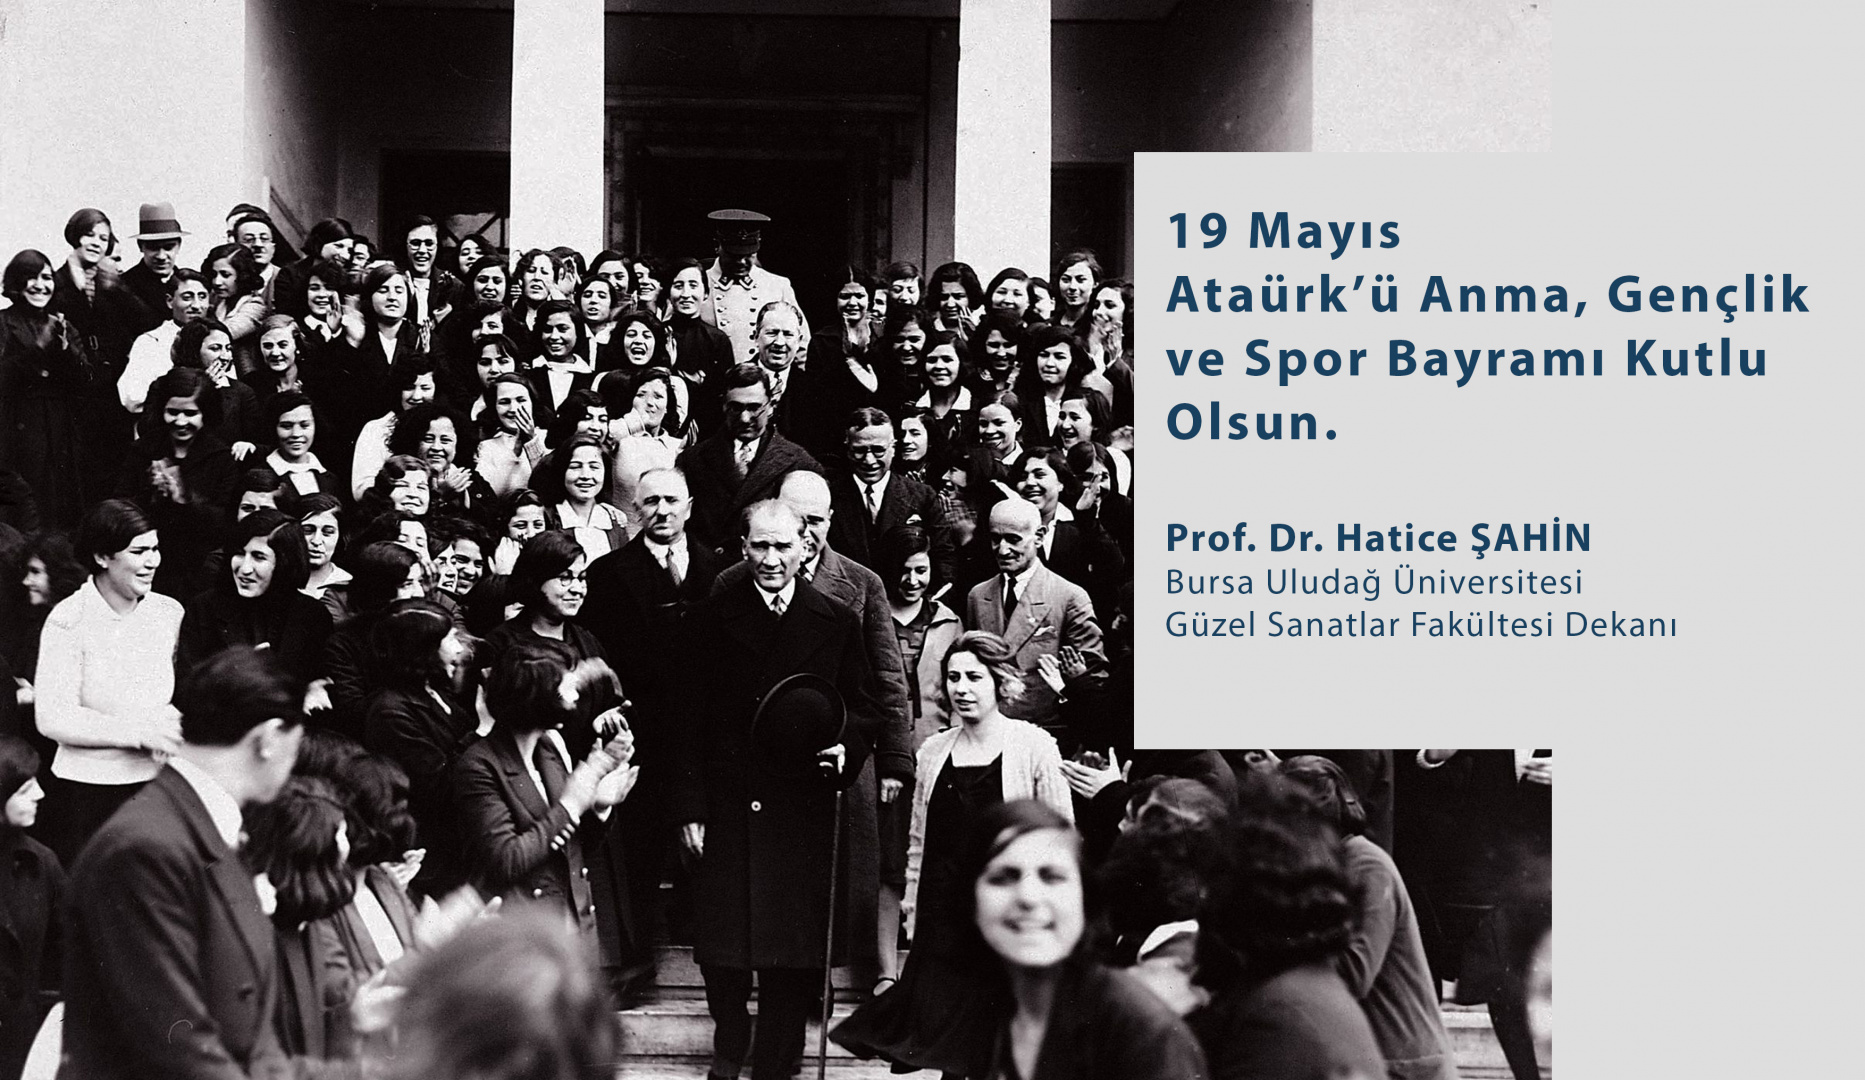 Sn. Dekanımız Prof. Dr. Hatice ŞAHİN'İN  19 Mayıs Atatürk'ü Anma, Gençlik ve Spor Bayramı Mesajı